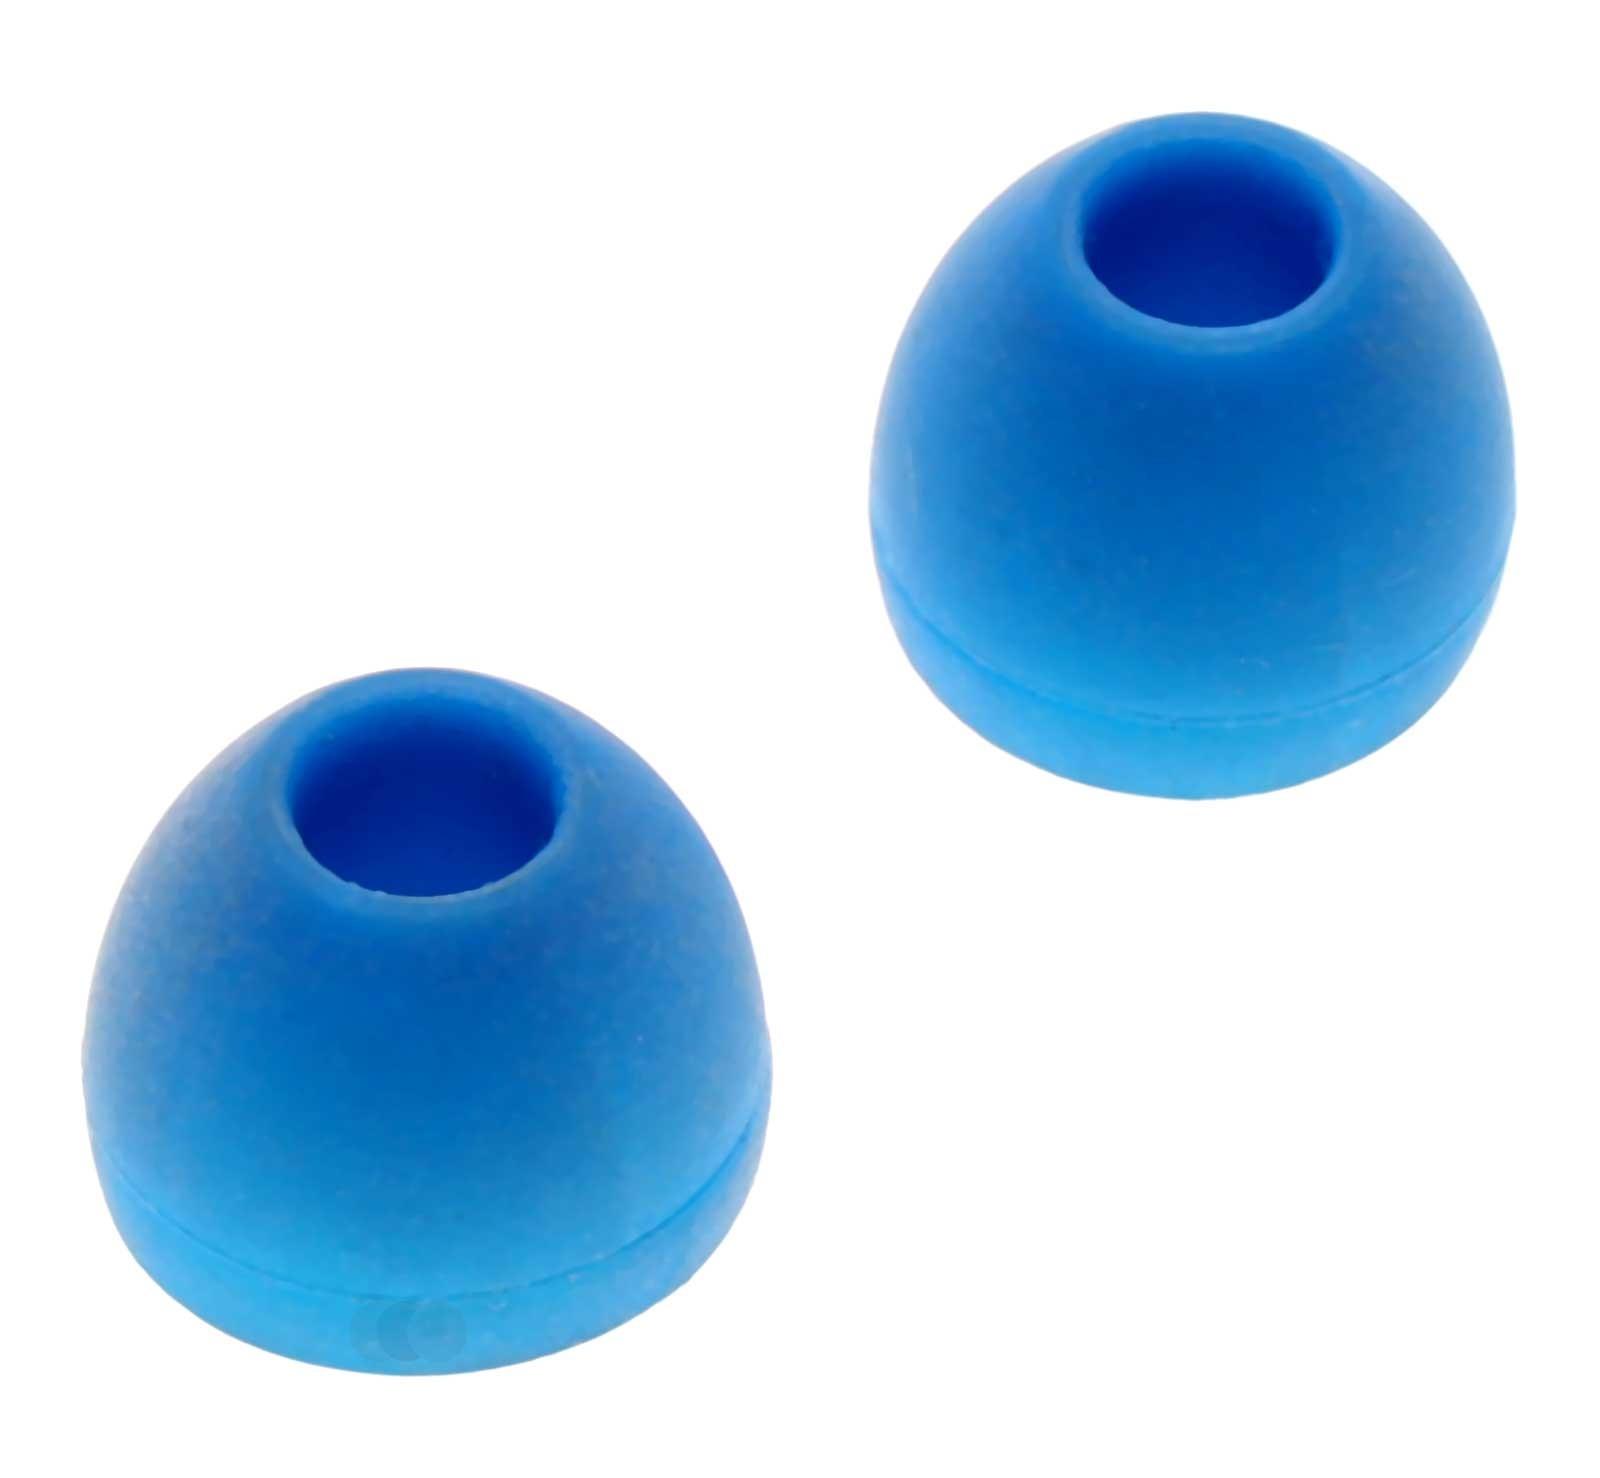 1 Paar Philips Ohrpolster, Ohrstöpsel für Headset, Kopfhörer, Grösse M, blau, 996580008852